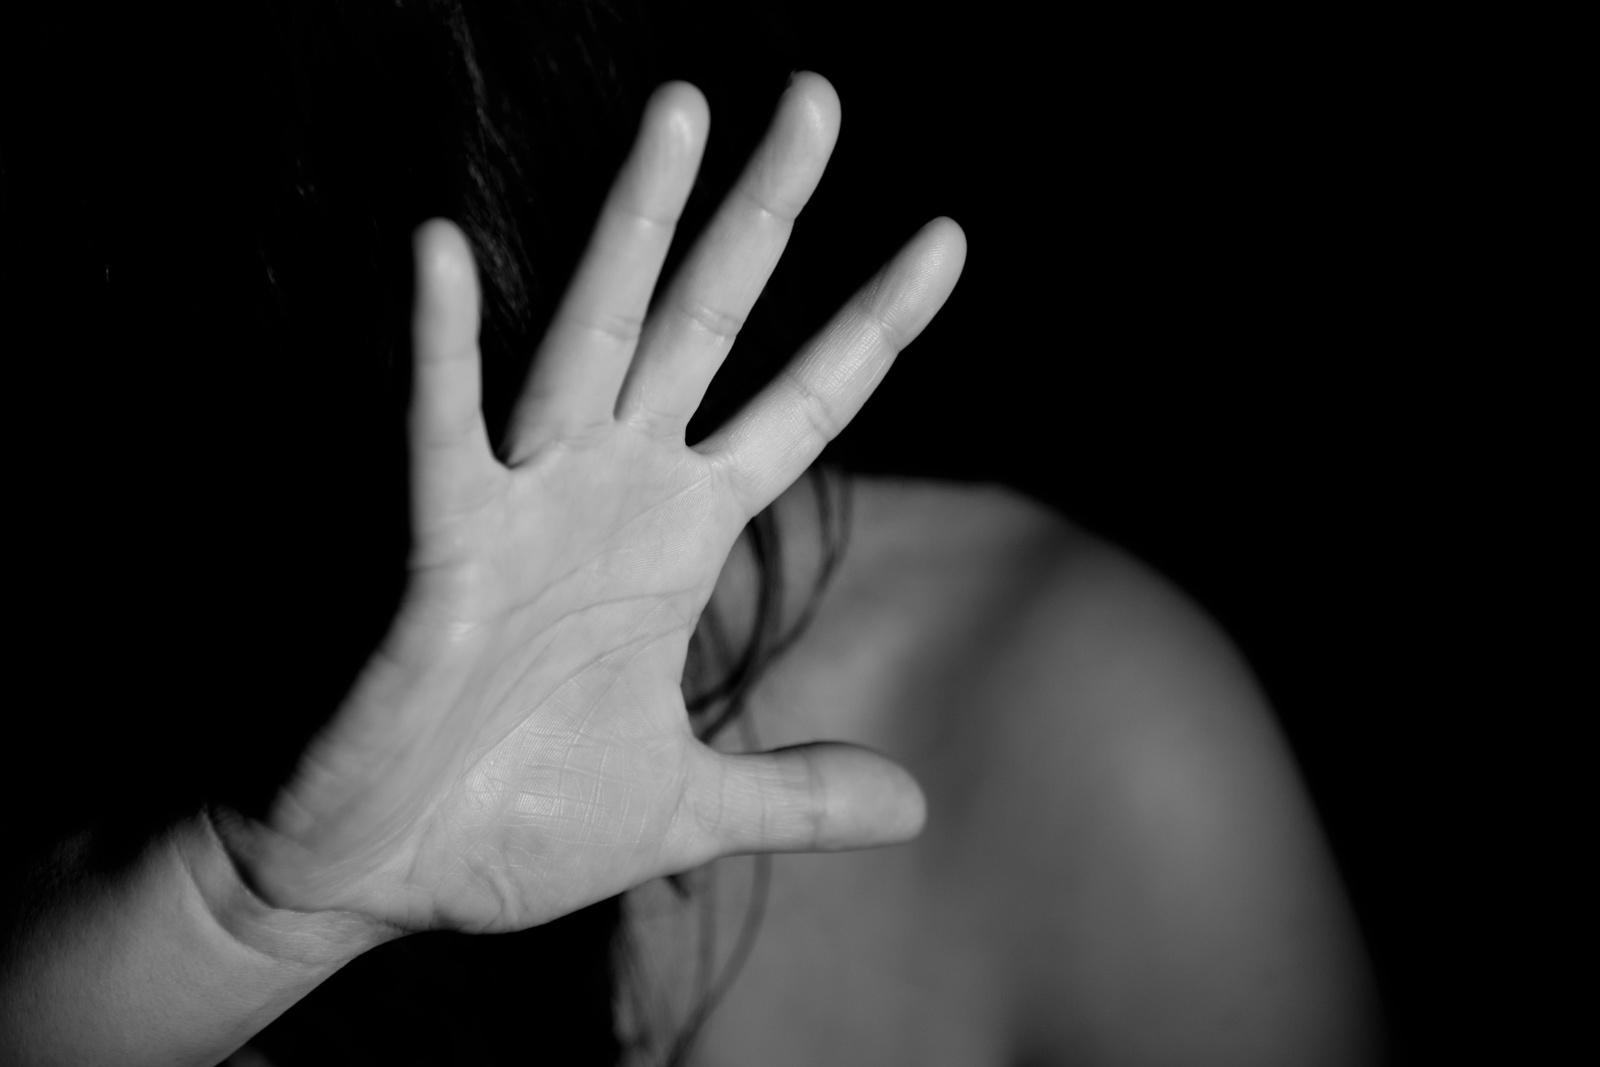 Darželio teritorijoje užpulta ir išžaginta moteris